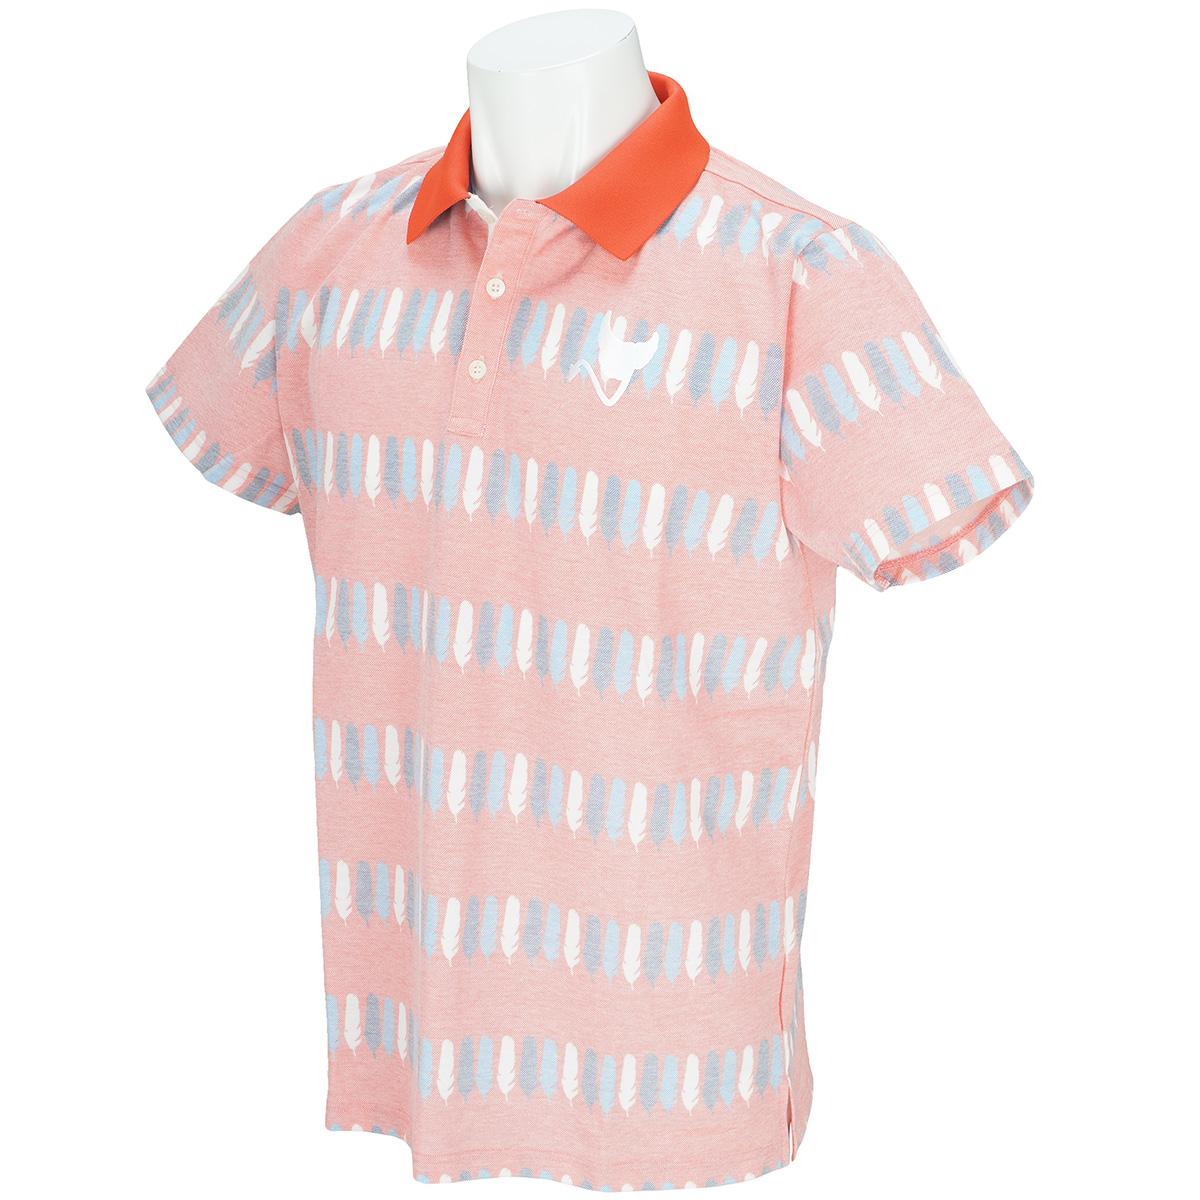 ウイングボーダー半袖ポロシャツ